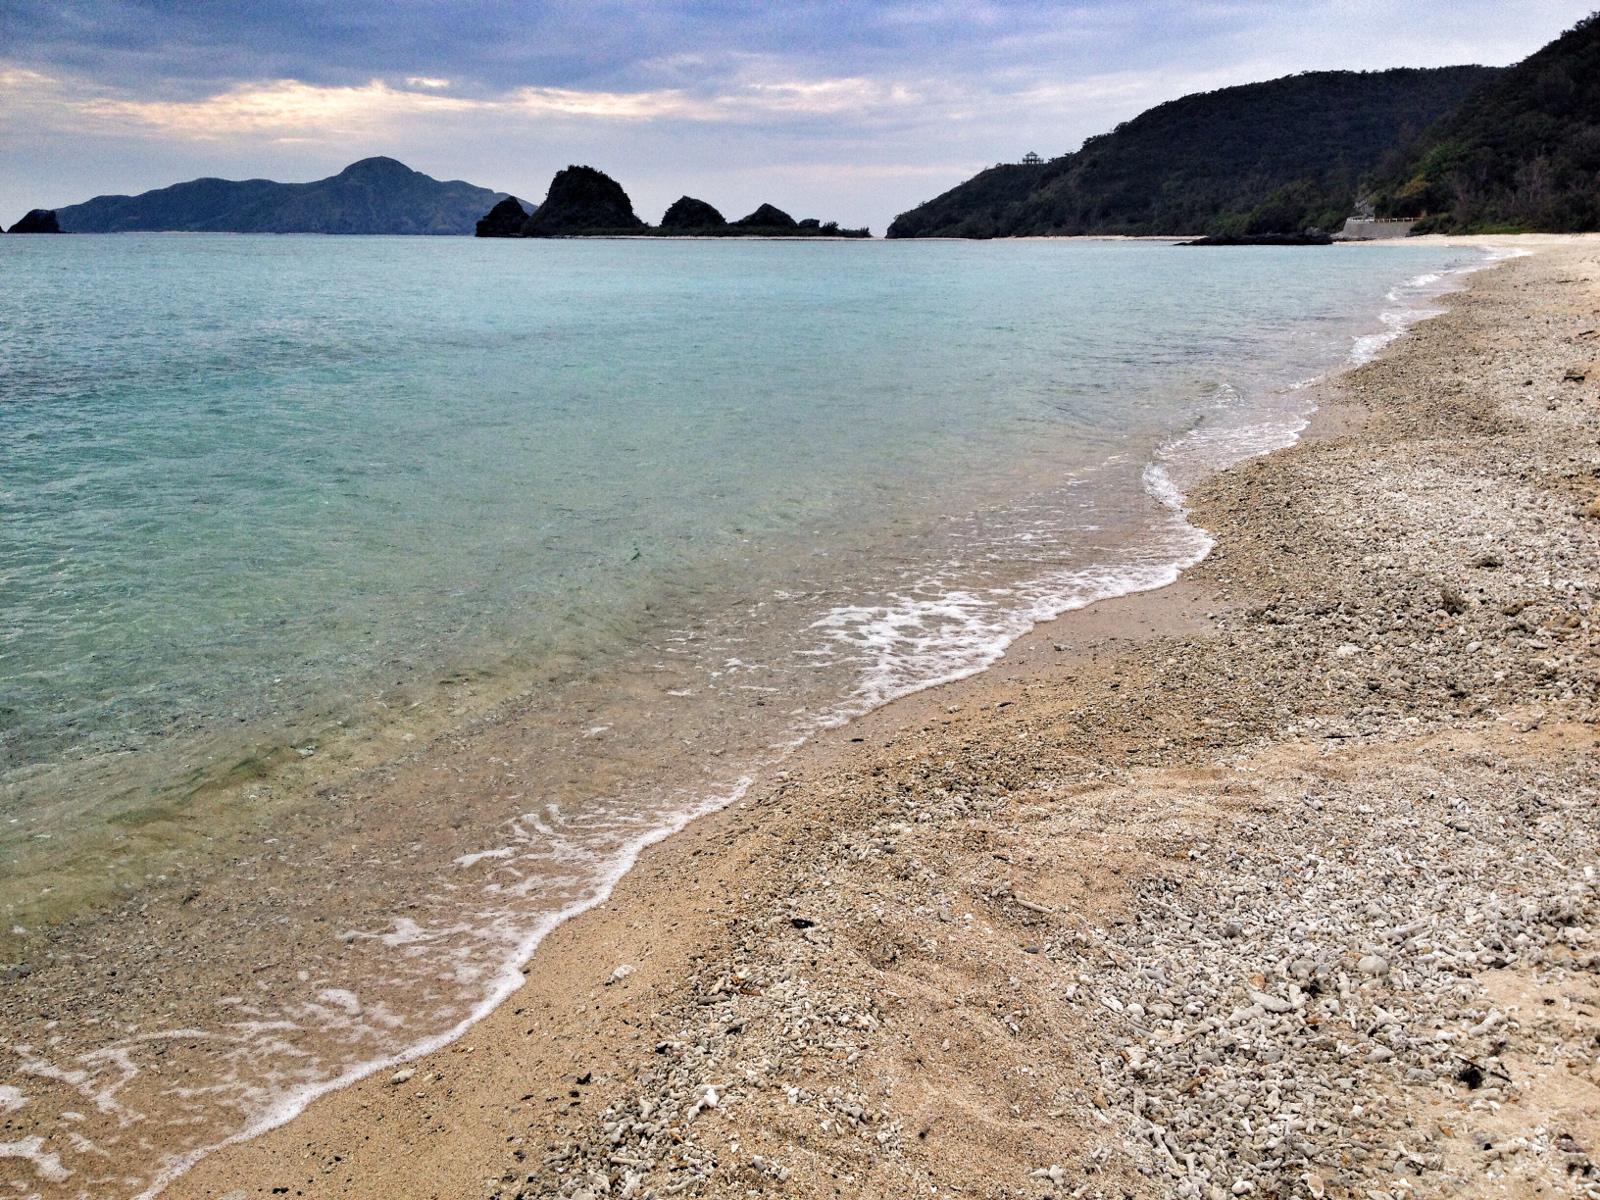 Plaża Furuzamami nawyspie Zamami, Kerama Islands, Okinawa, Japonia